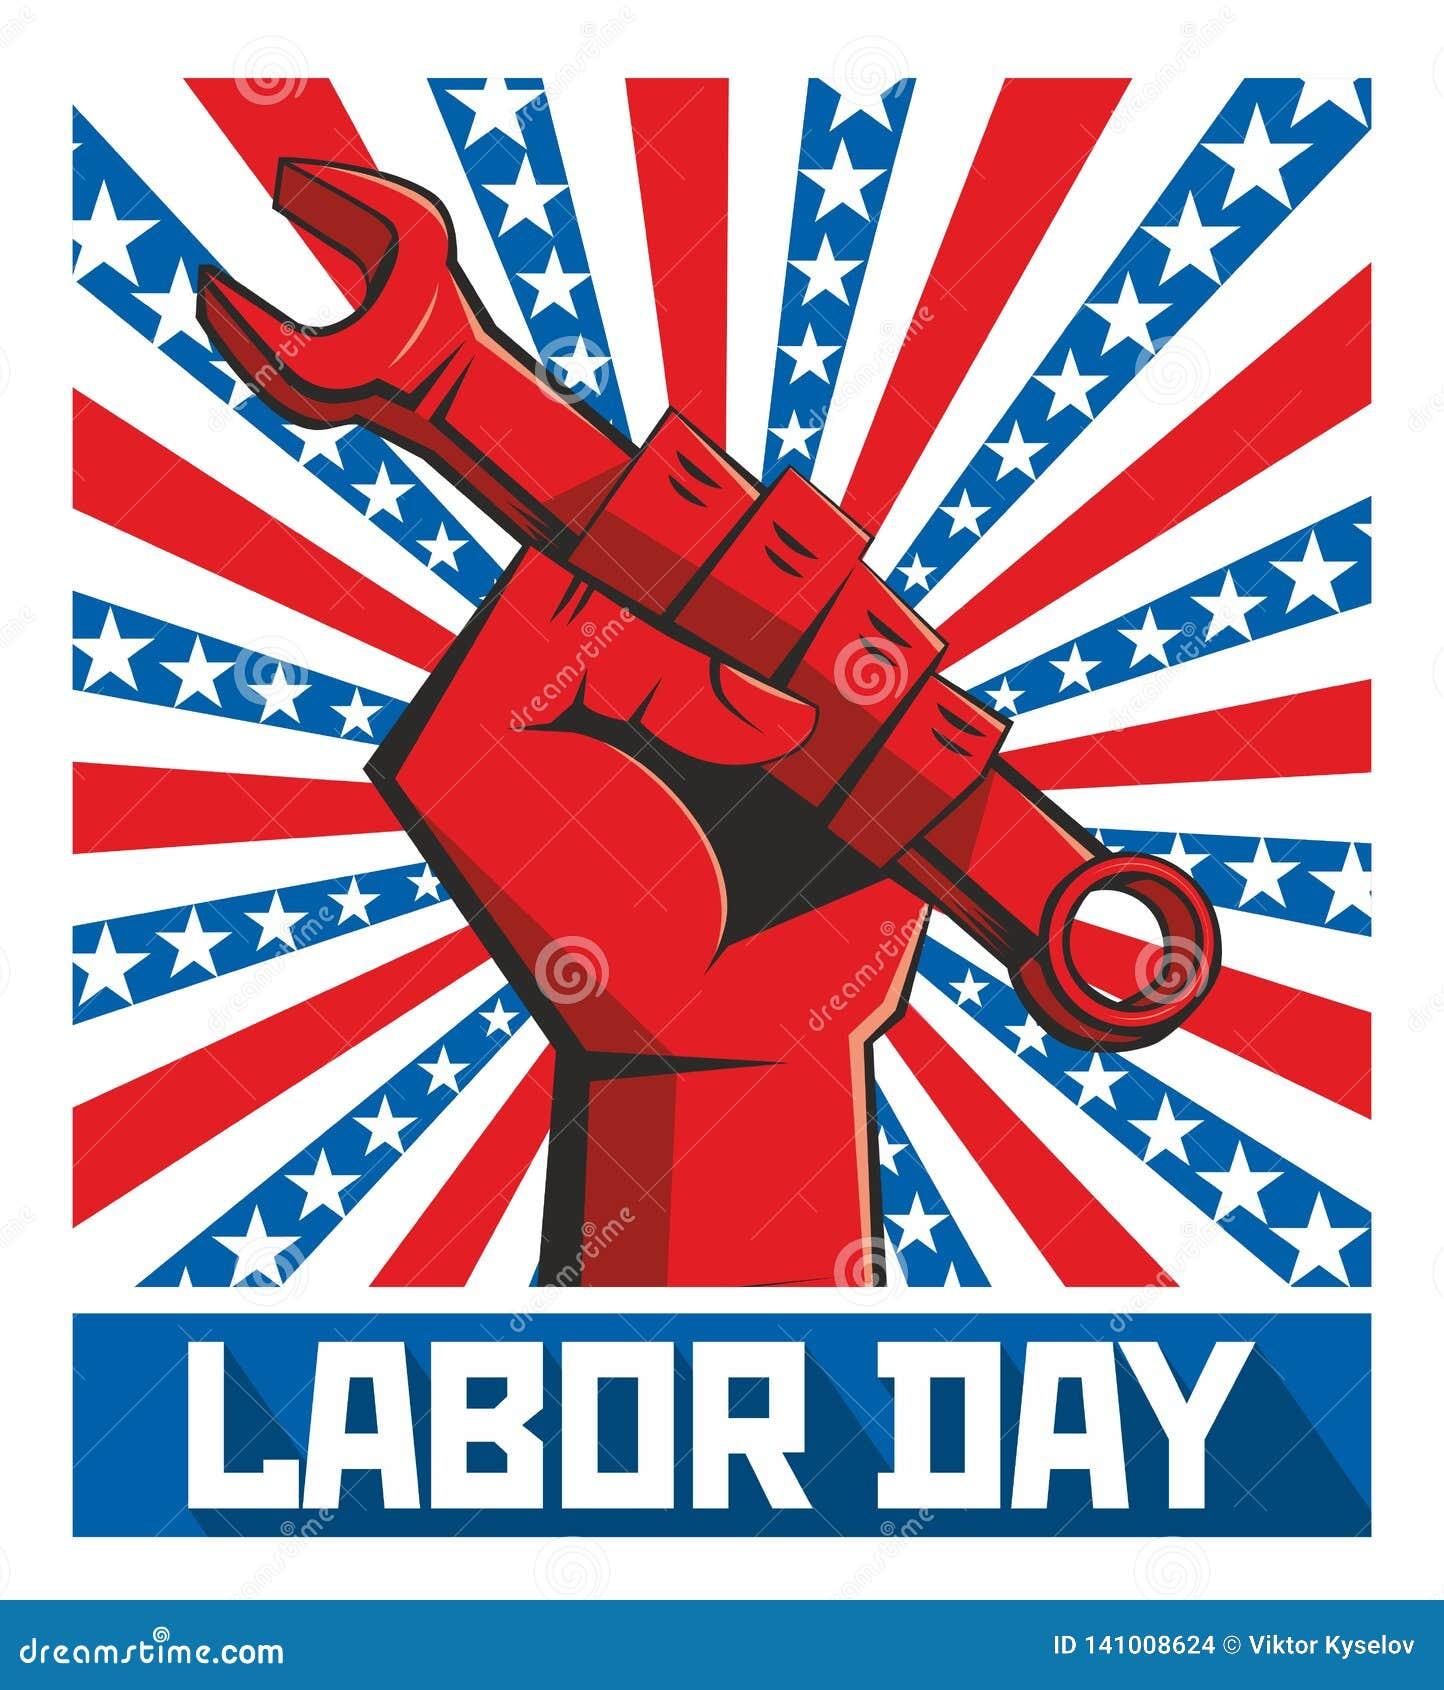 Cartaz do Dia do Trabalhador retro